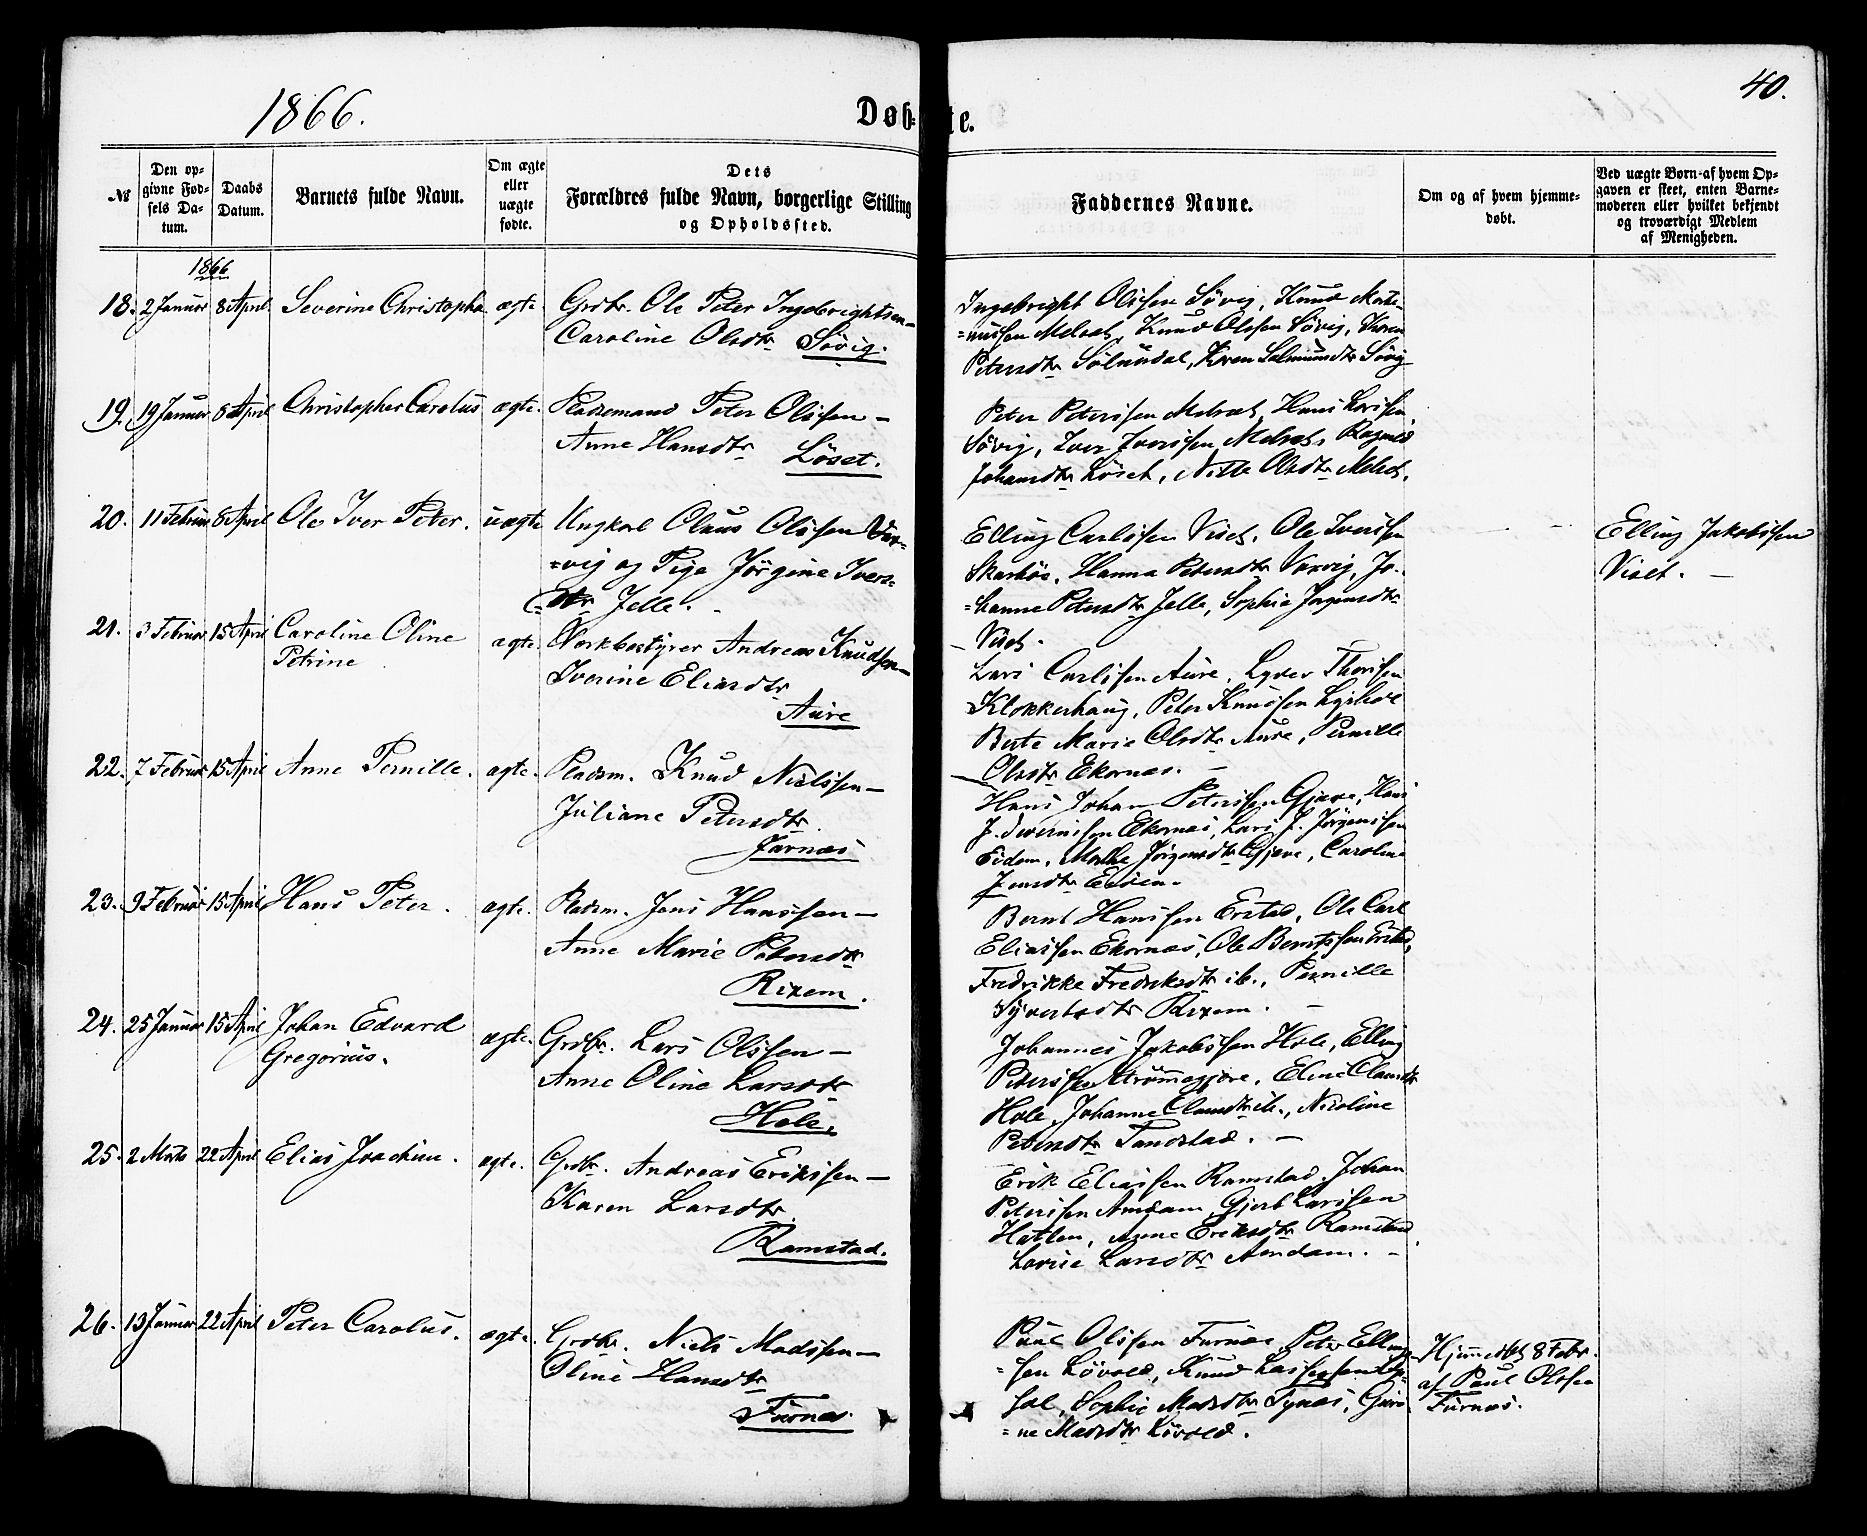 SAT, Ministerialprotokoller, klokkerbøker og fødselsregistre - Møre og Romsdal, 522/L0314: Ministerialbok nr. 522A09, 1863-1877, s. 40